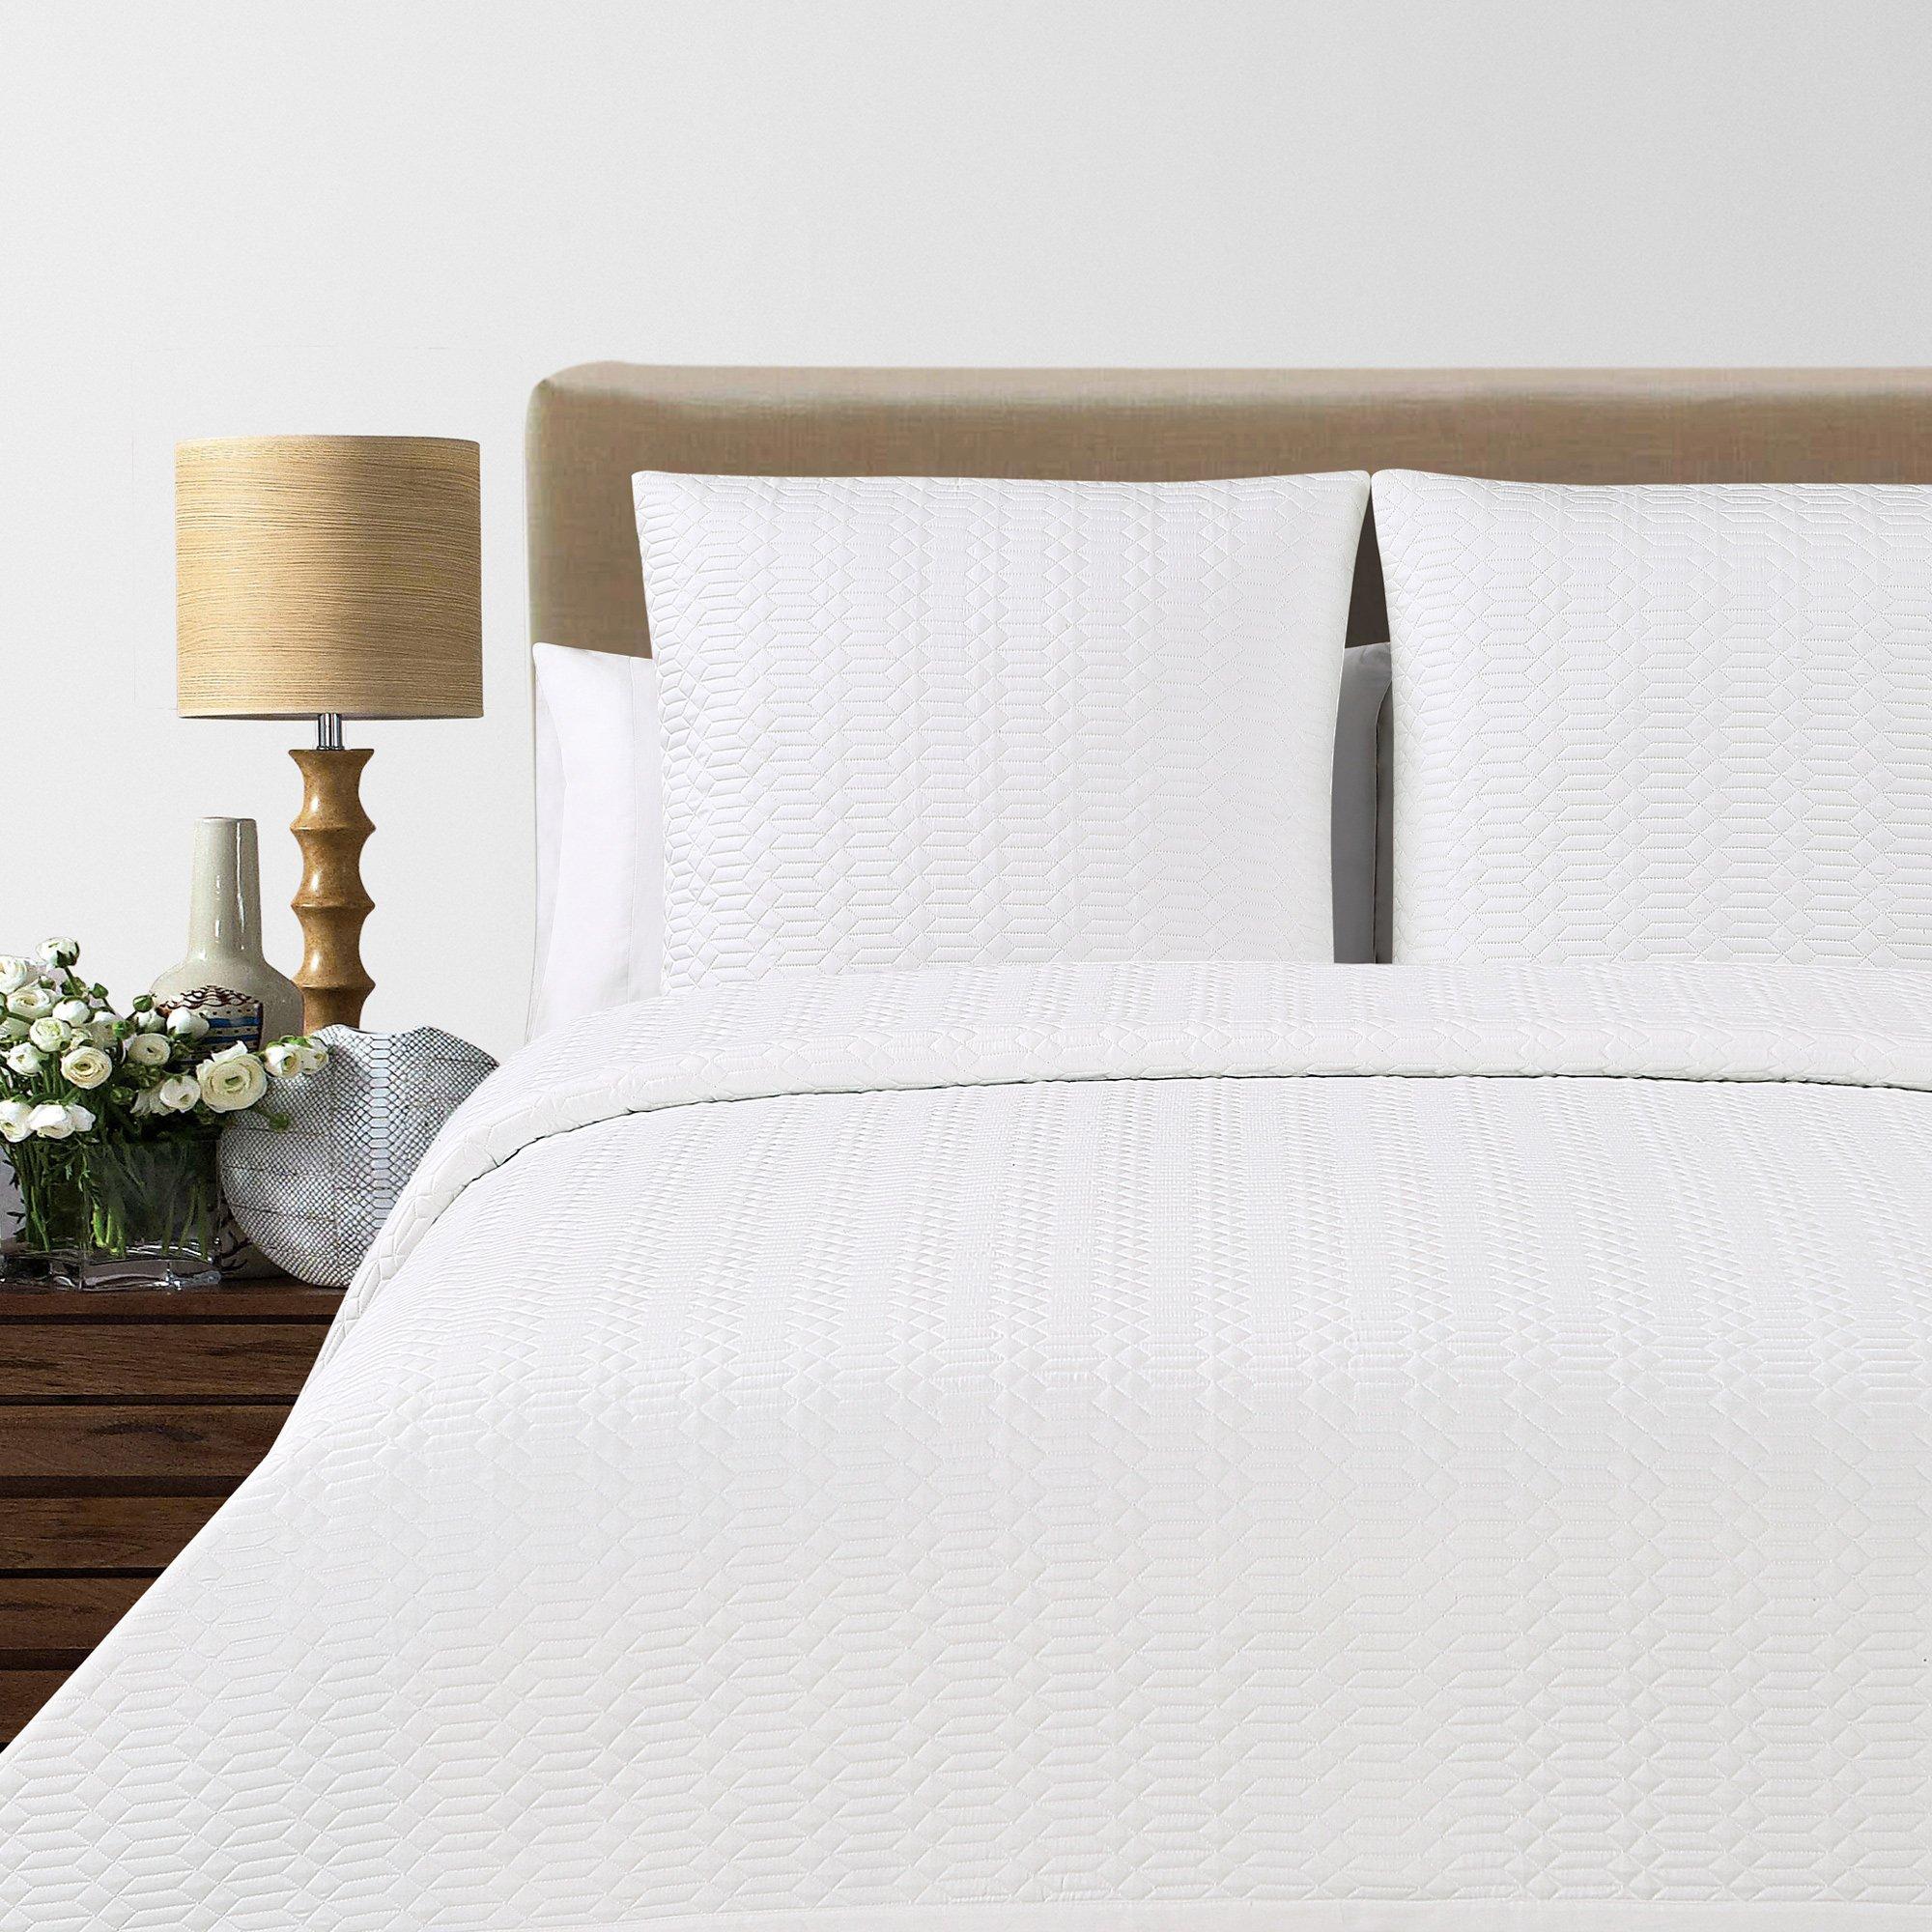 Echelon Home Laguna Quilted Cotton Blanket, Queen, White